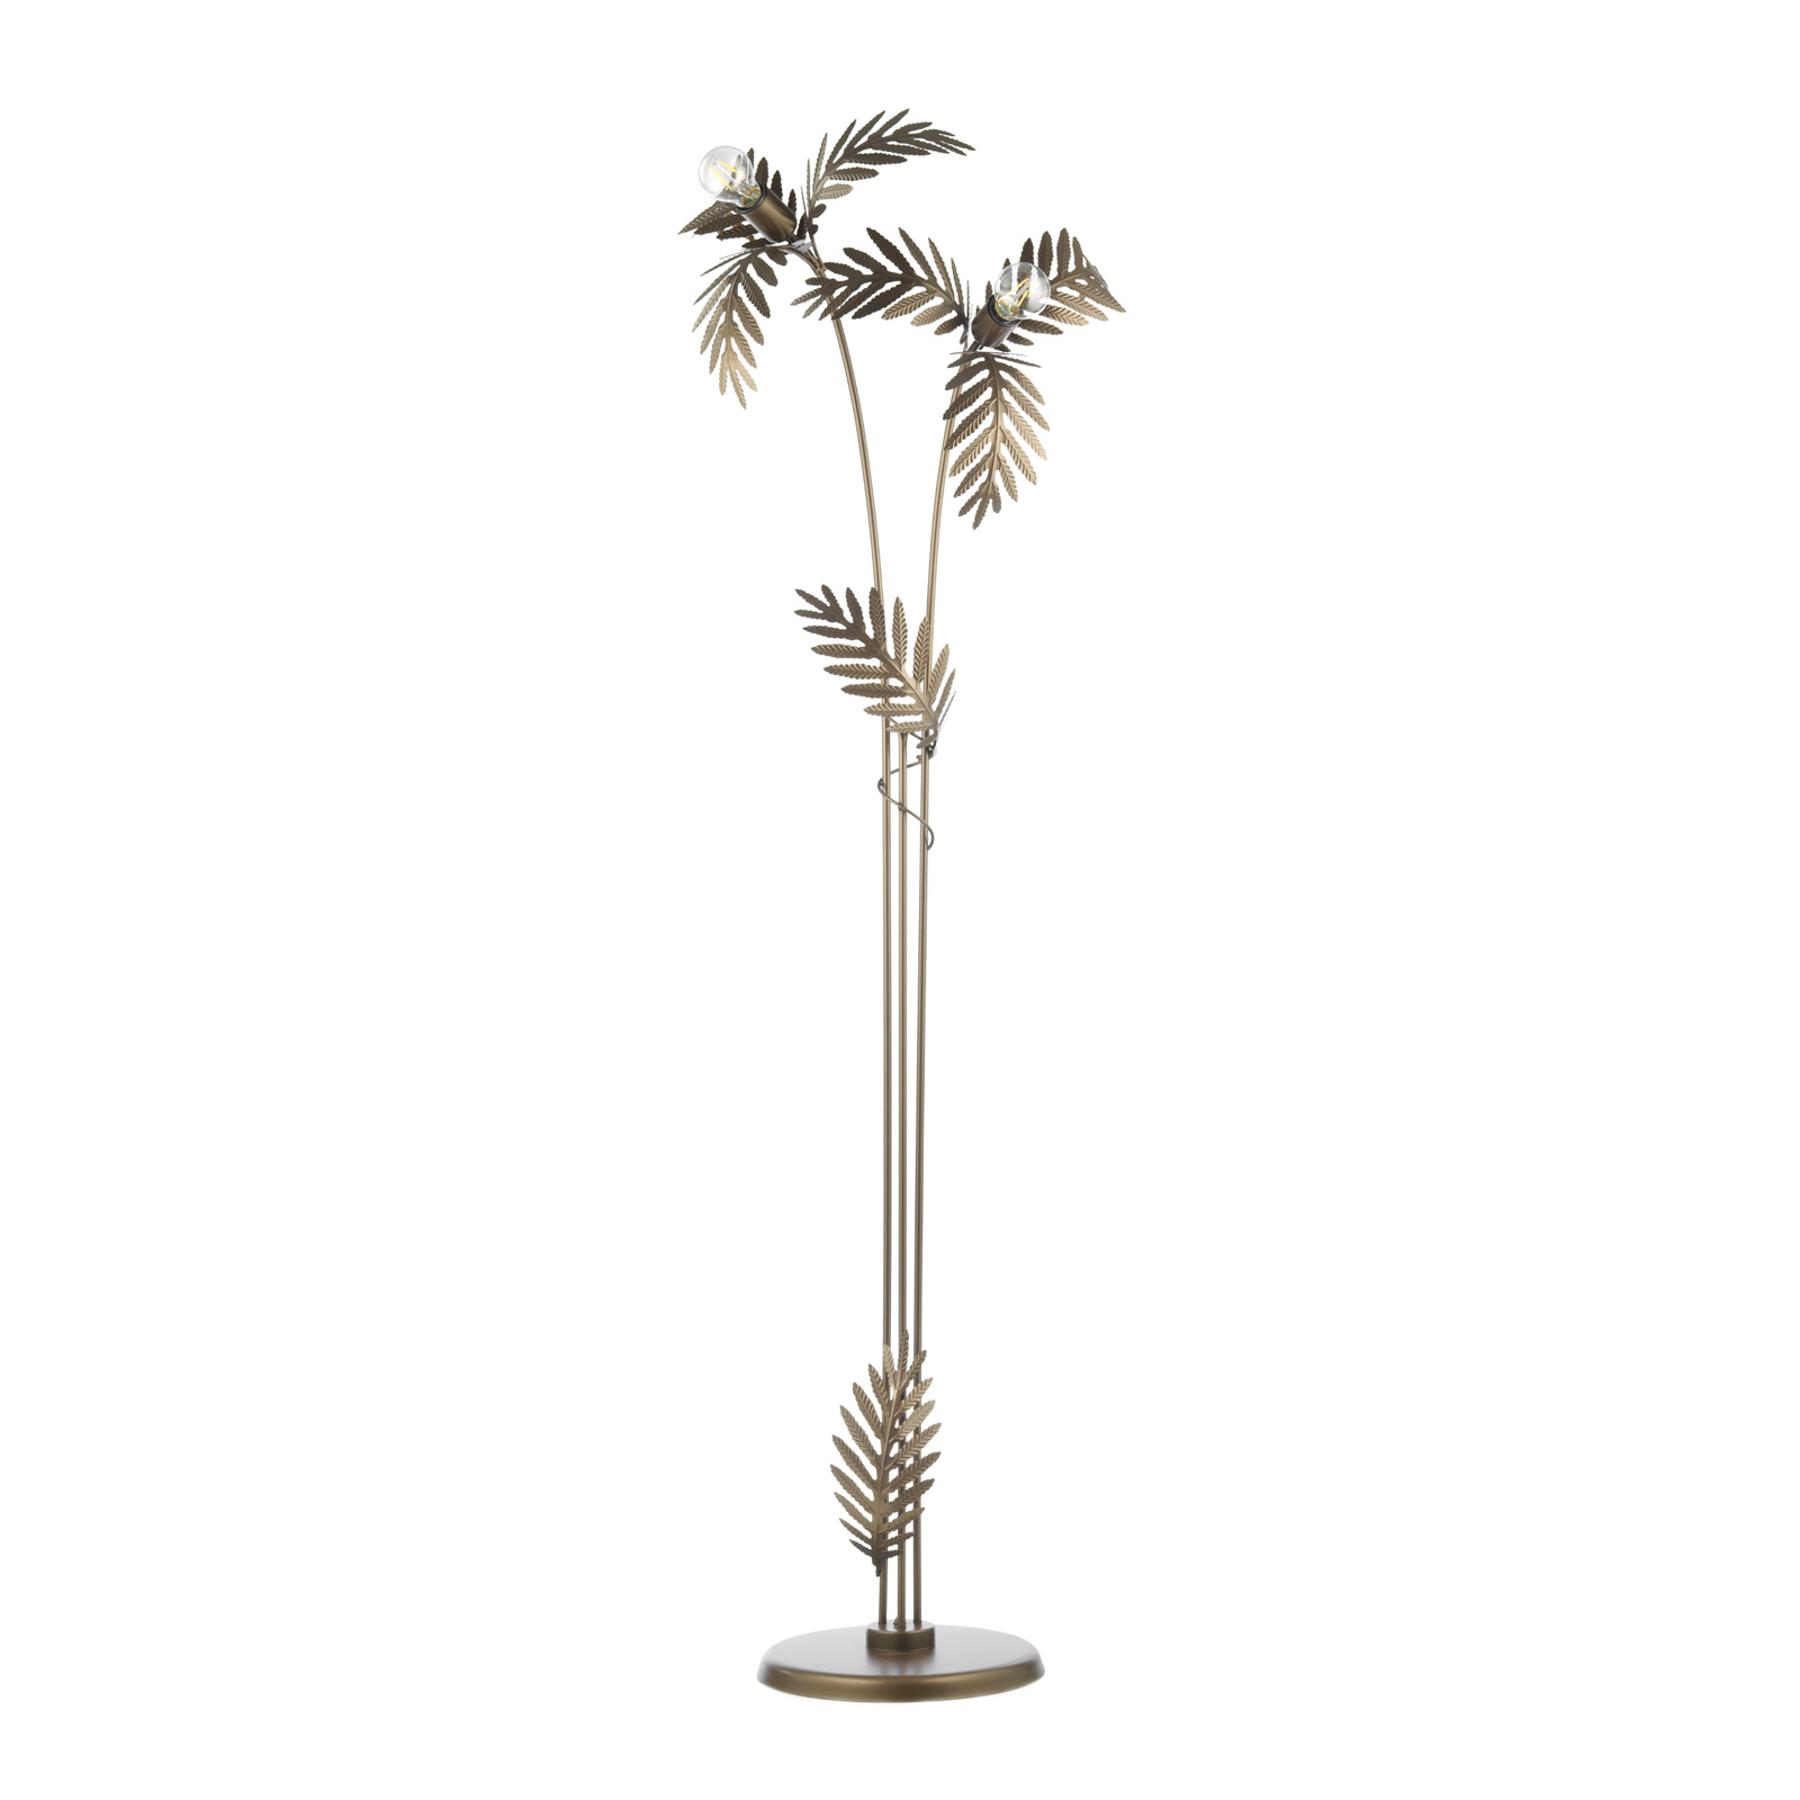 Lampa stojąca Dubai o wyglądzie liści, brązowa